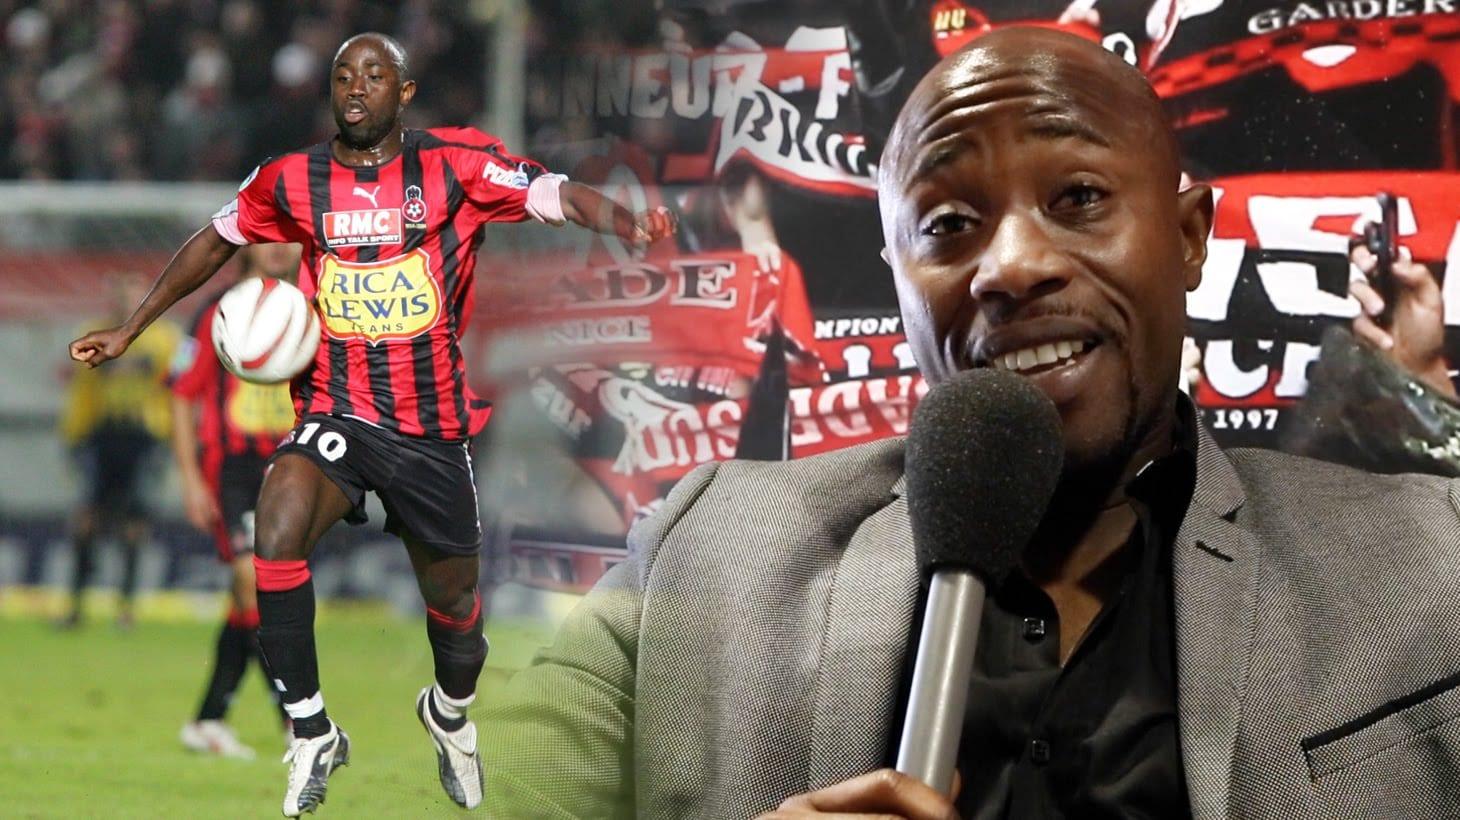 Scandale: Serges Dié accusé d'avoir escroqué des millions à plusieurs jeunes...Explications